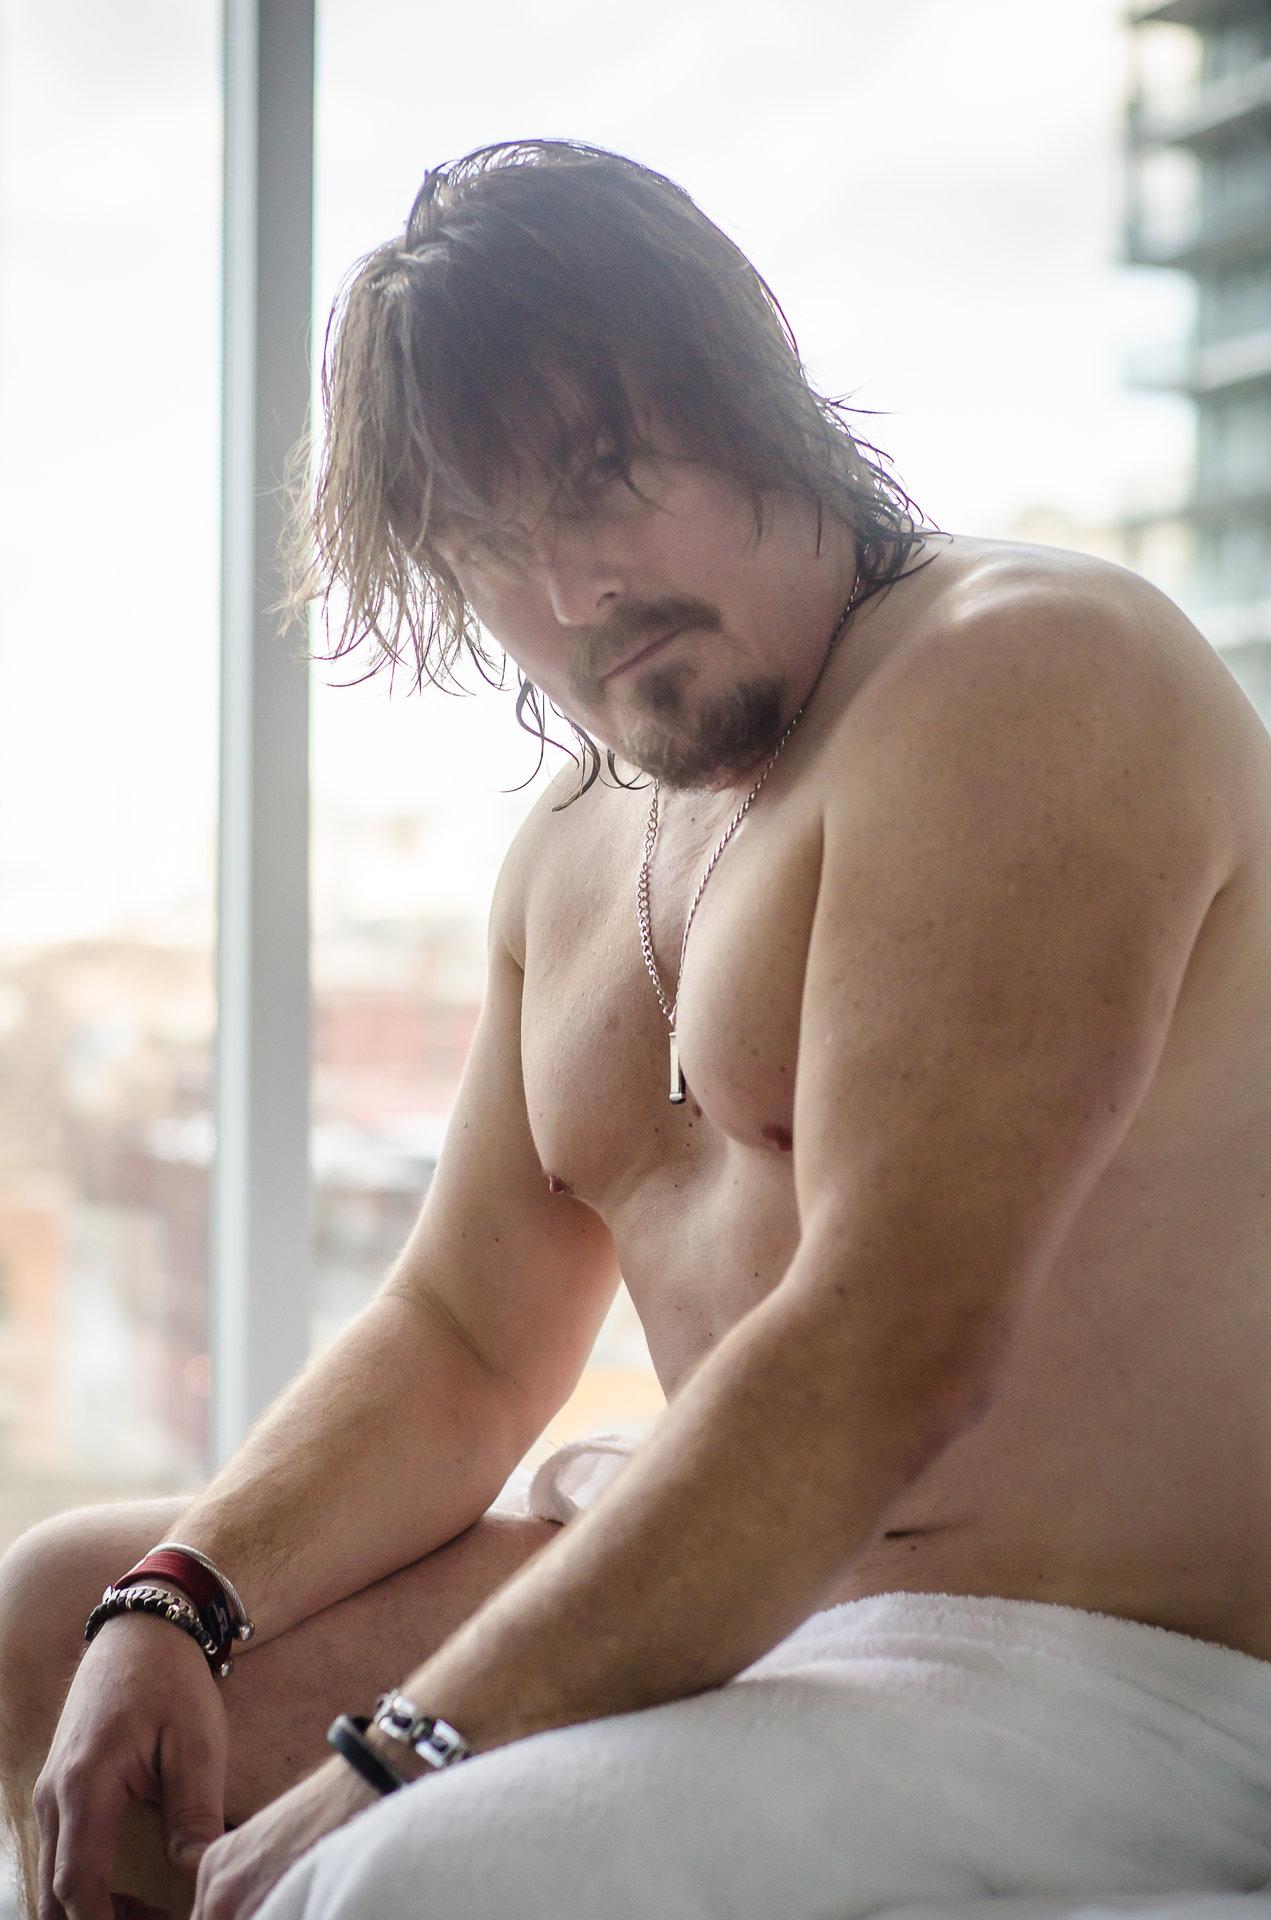 SJP Nude Art Model